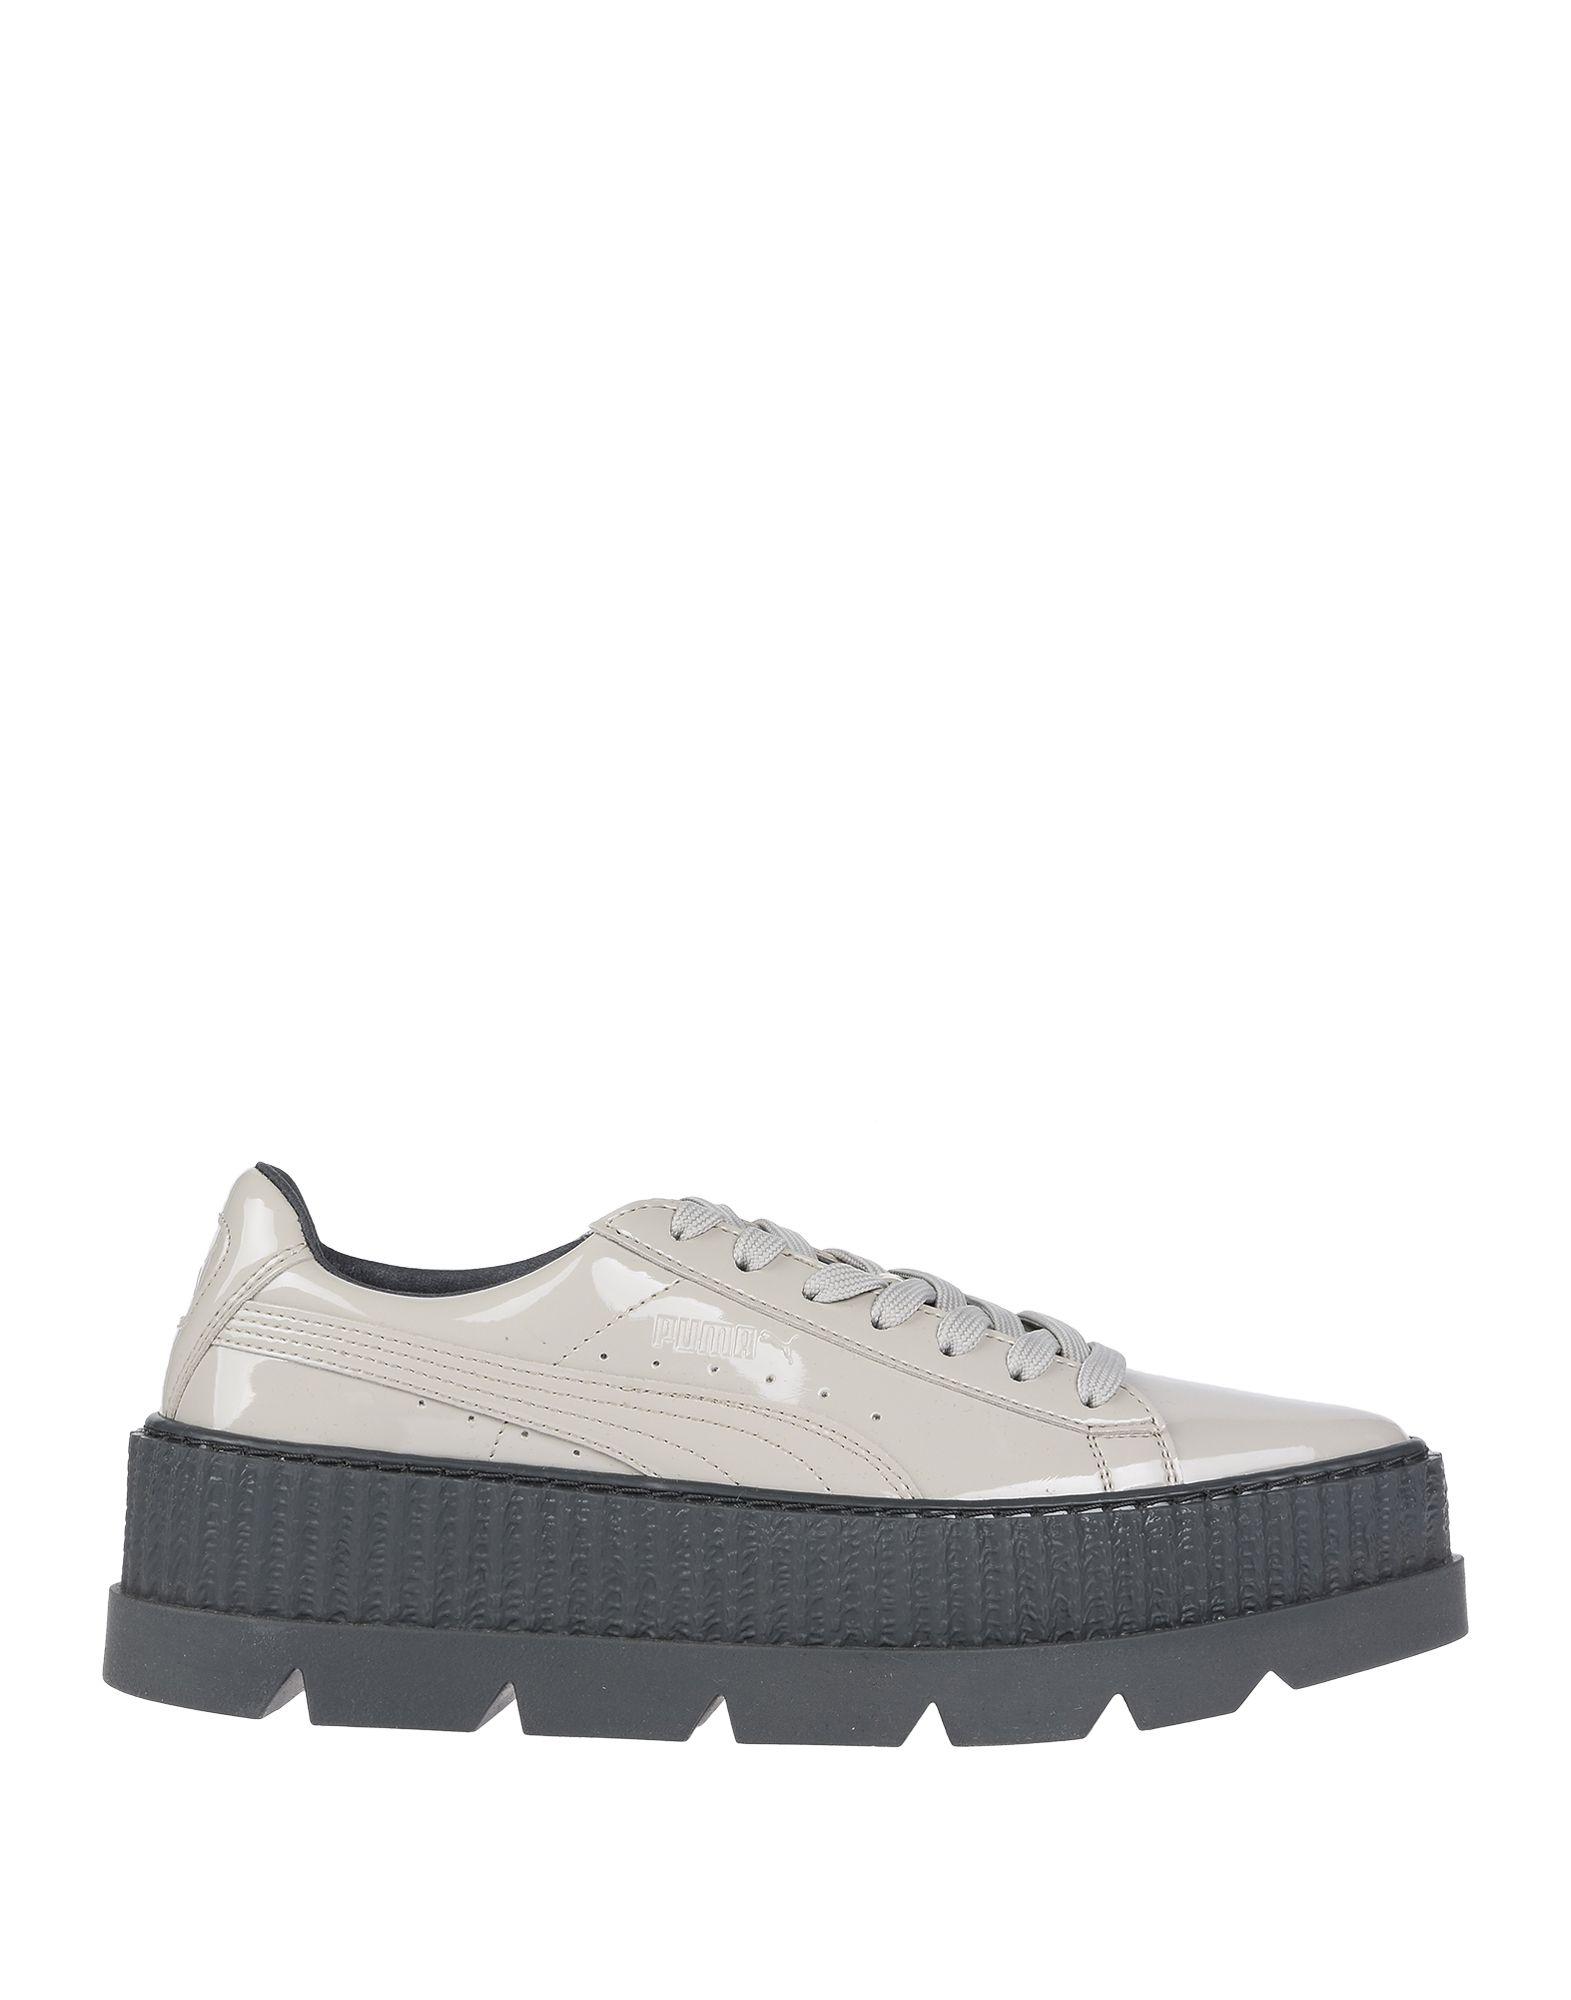 innovative design da516 4a390 FENTY PUMA by RIHANNA Sneakers - Footwear   YOOX.COM